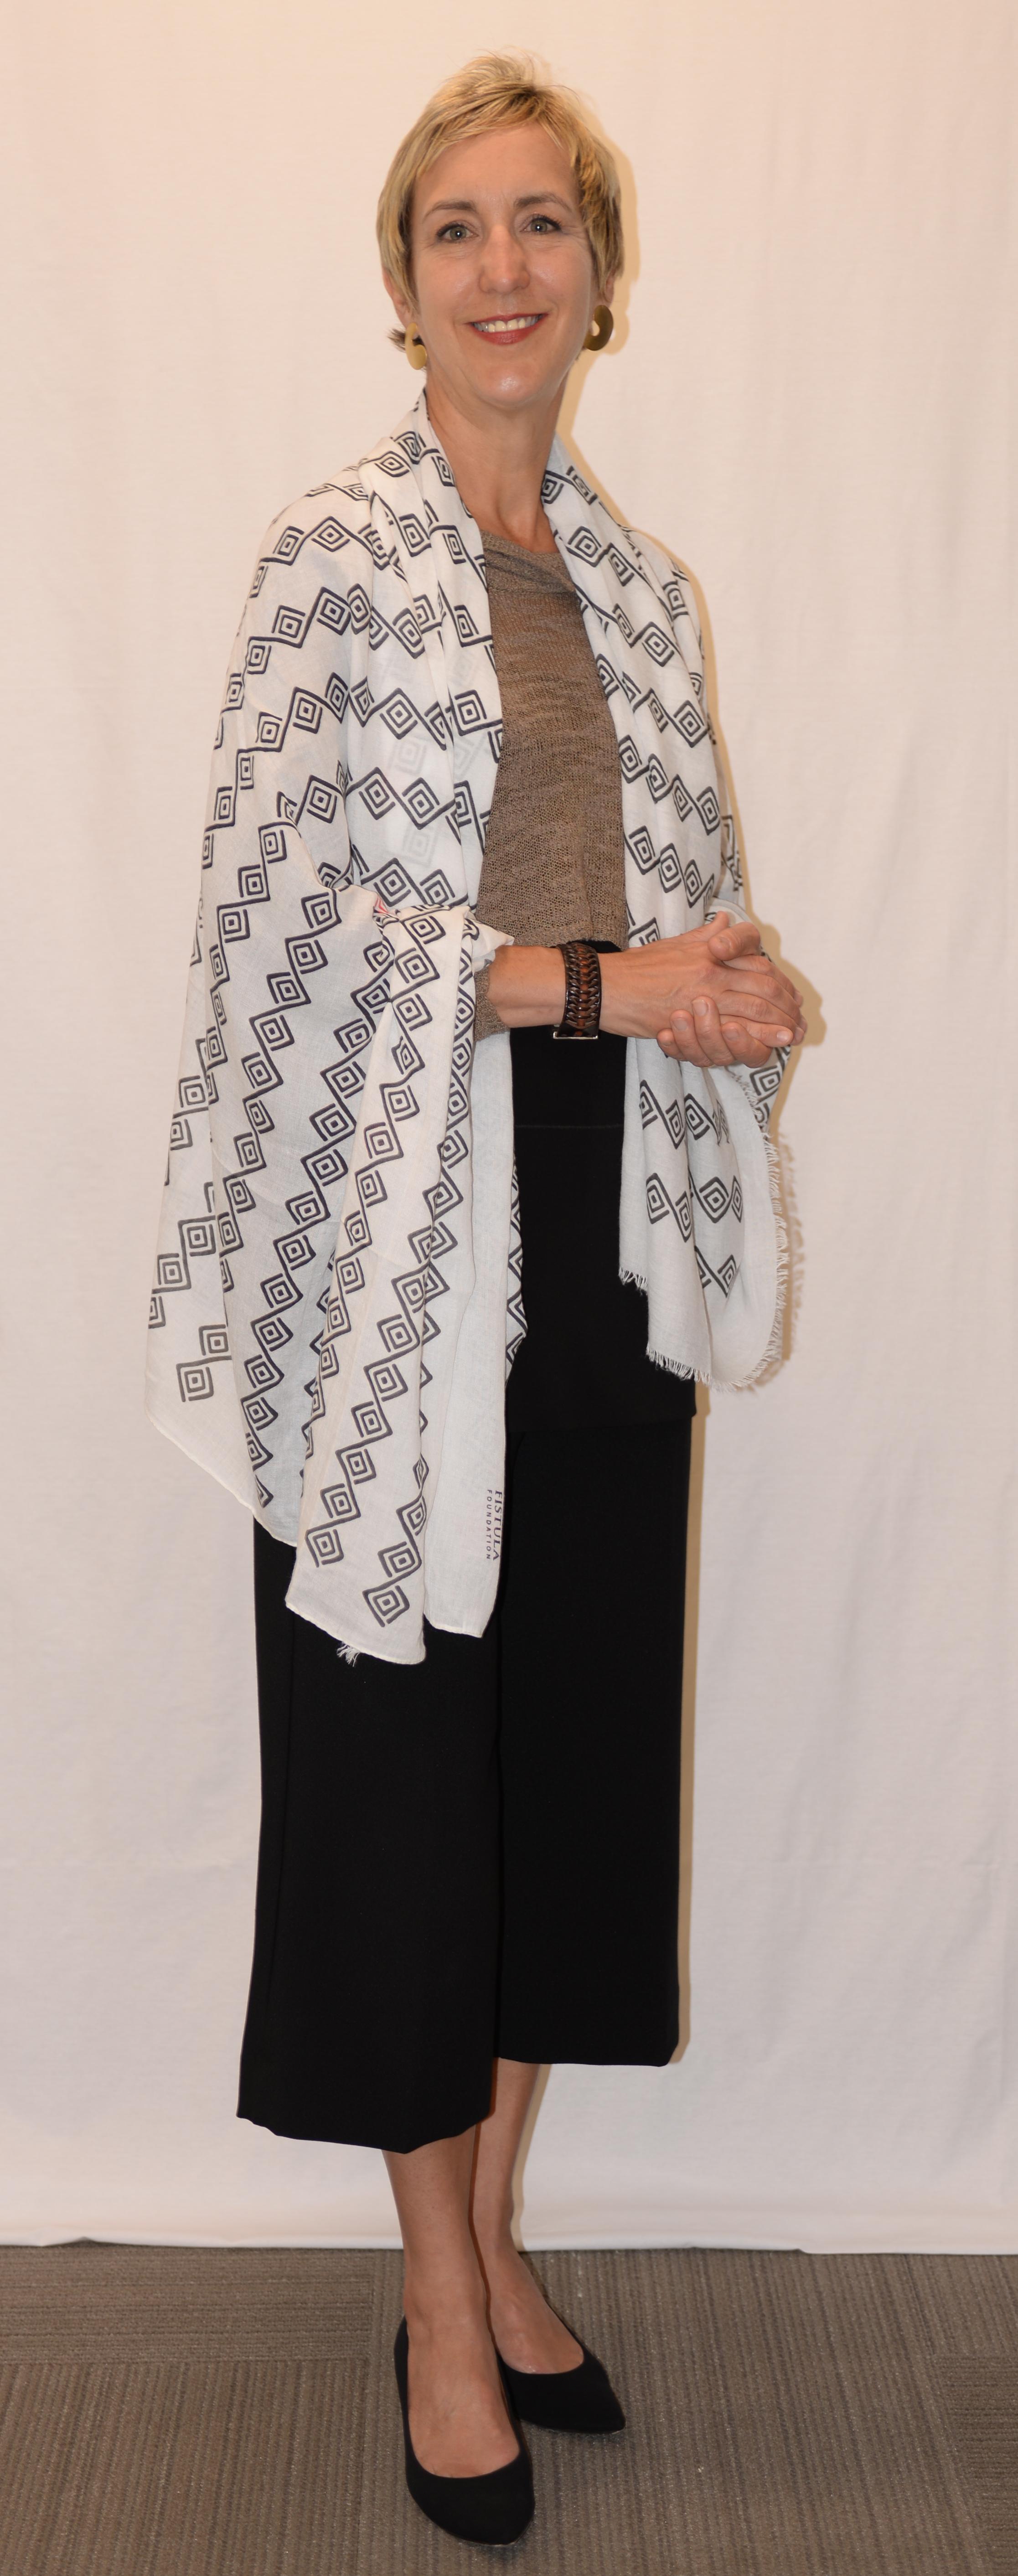 Fistula Foundation Gifts That Heal - Binta Scarf (shawl)